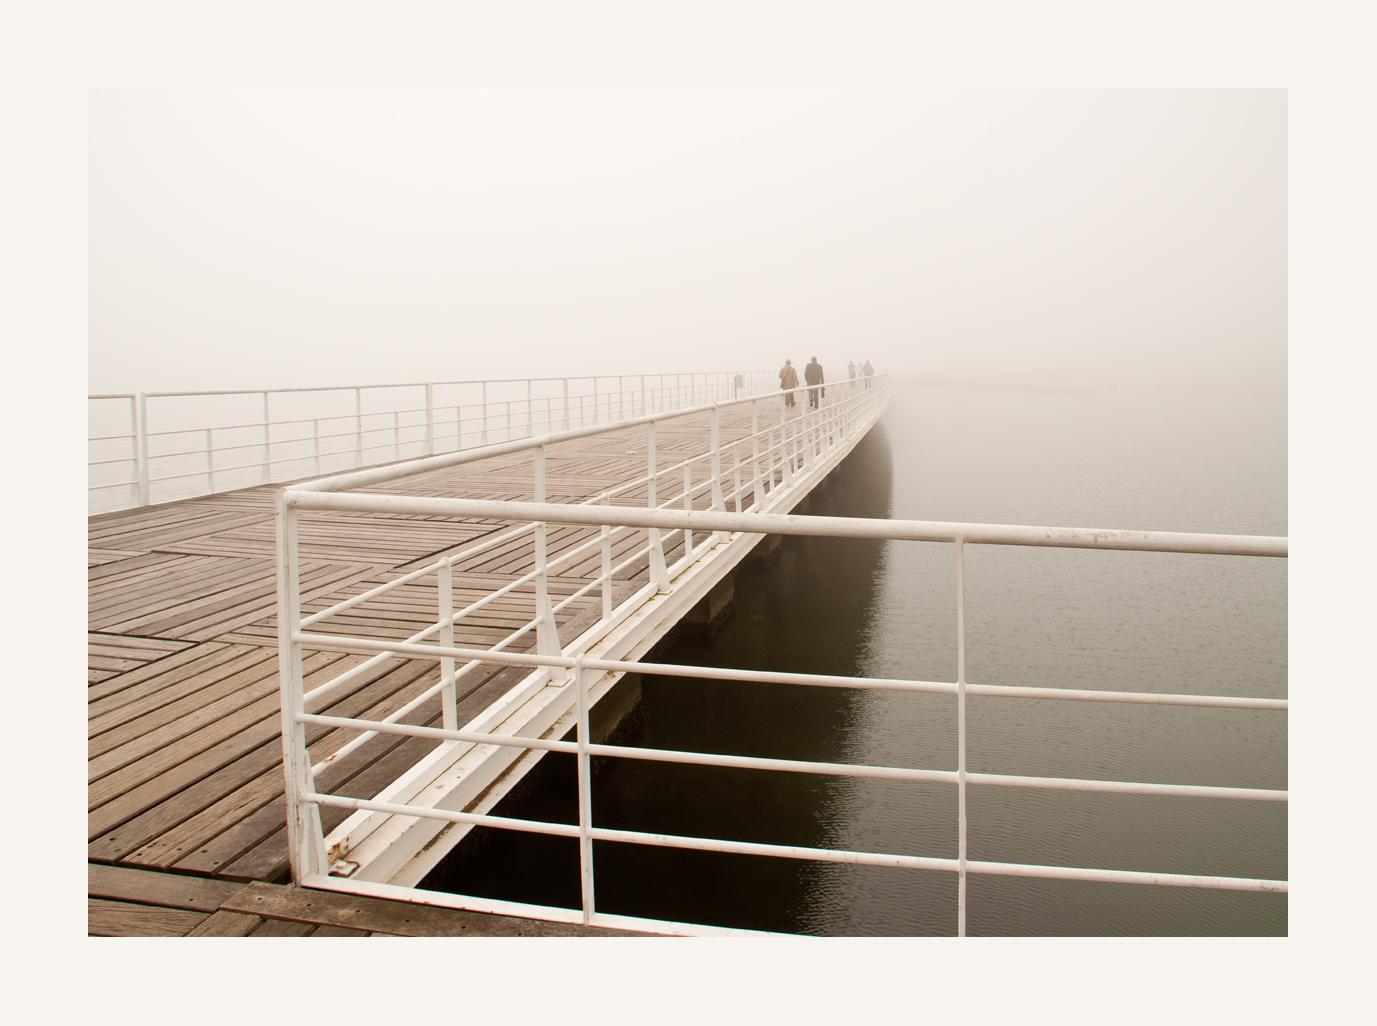 die Brücke im Nebel